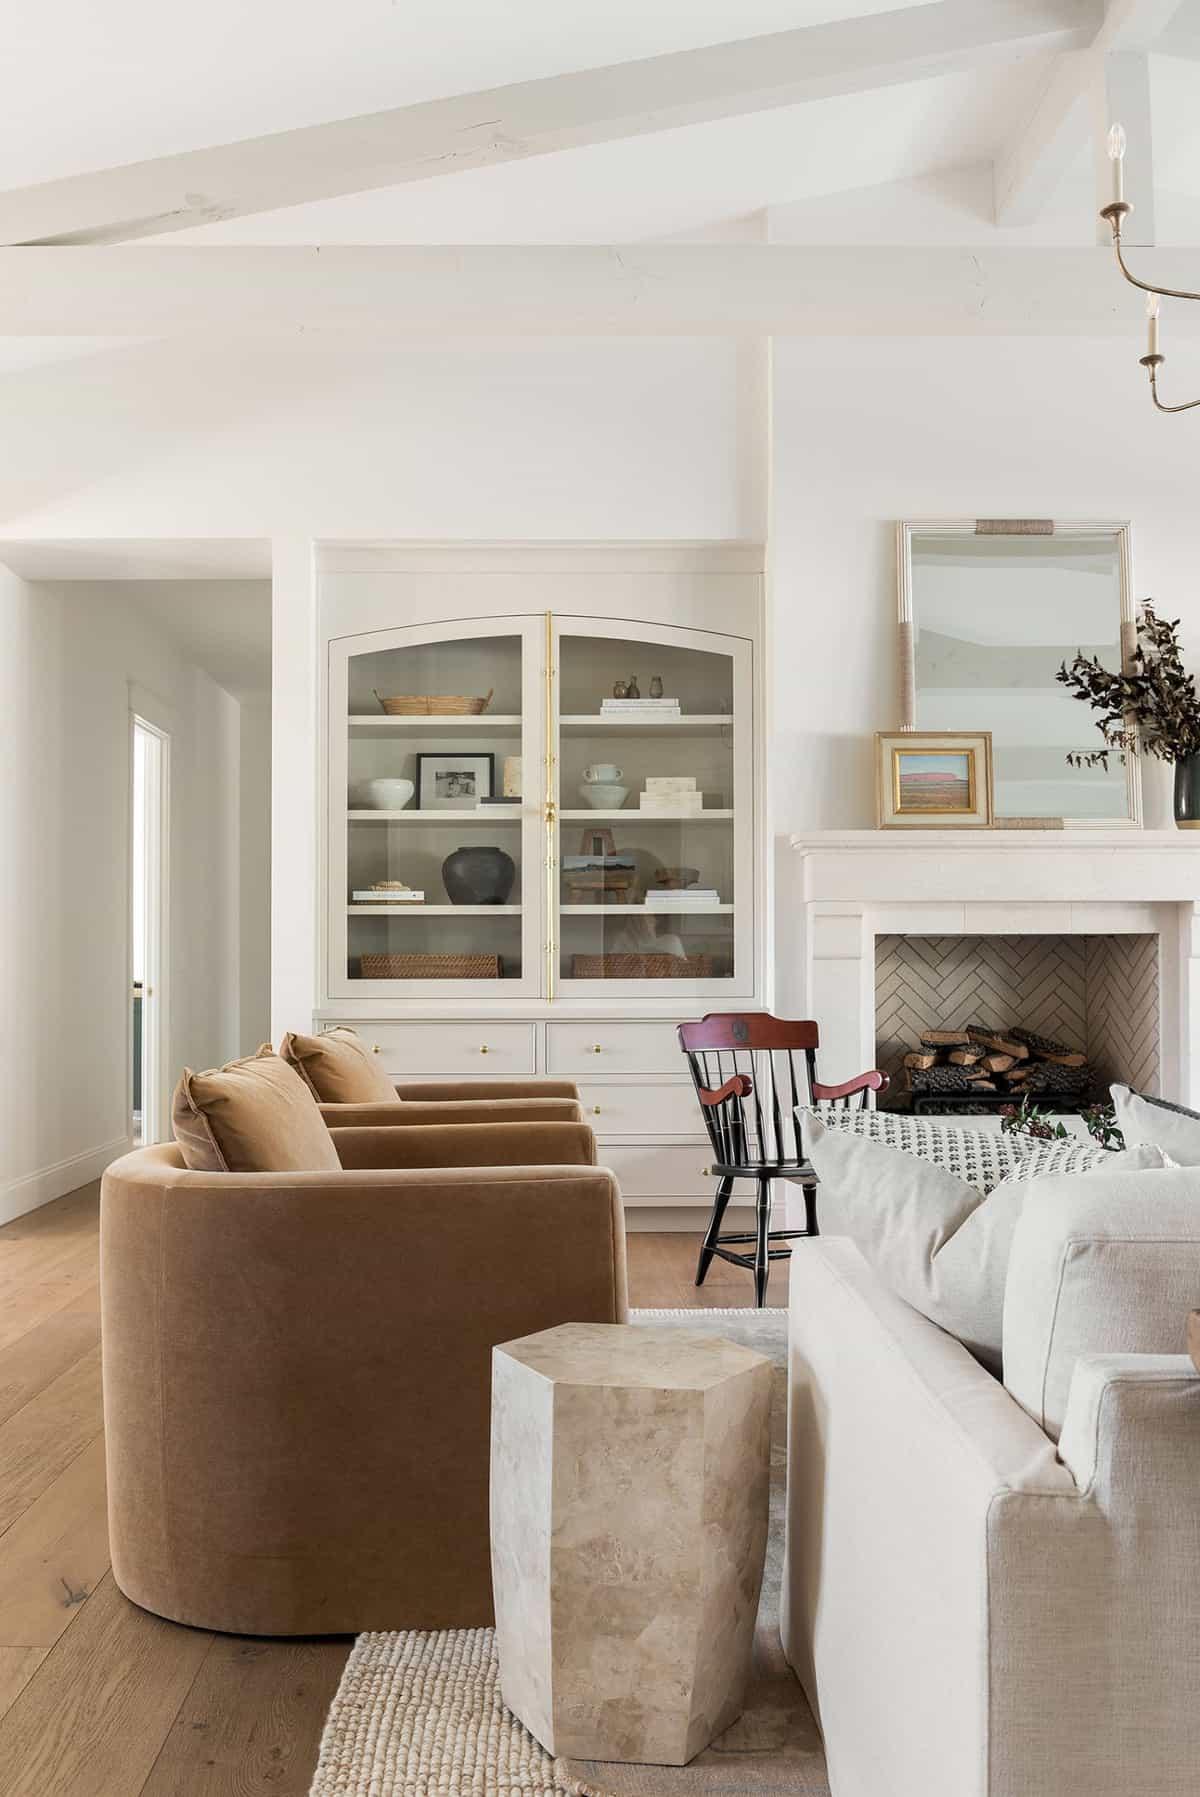 dnevna soba u stilu seoske kuće